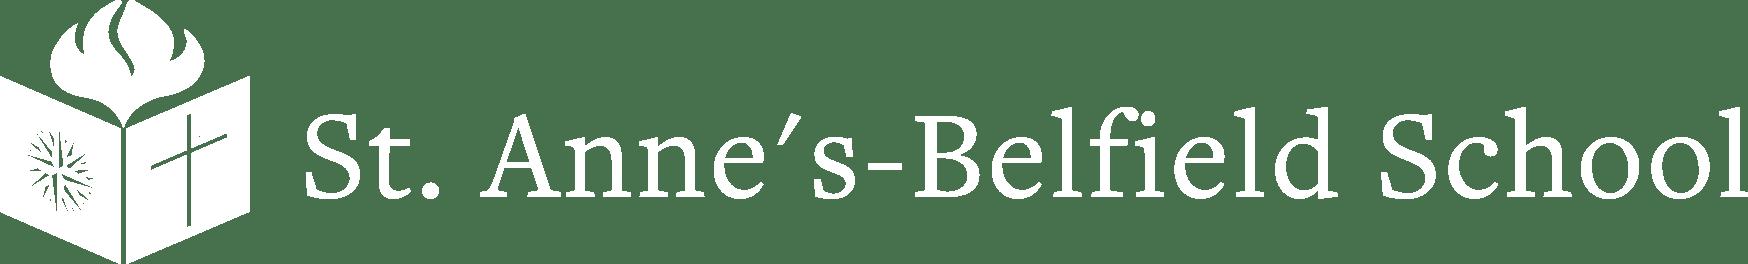 St. Anne's-Belfield logo